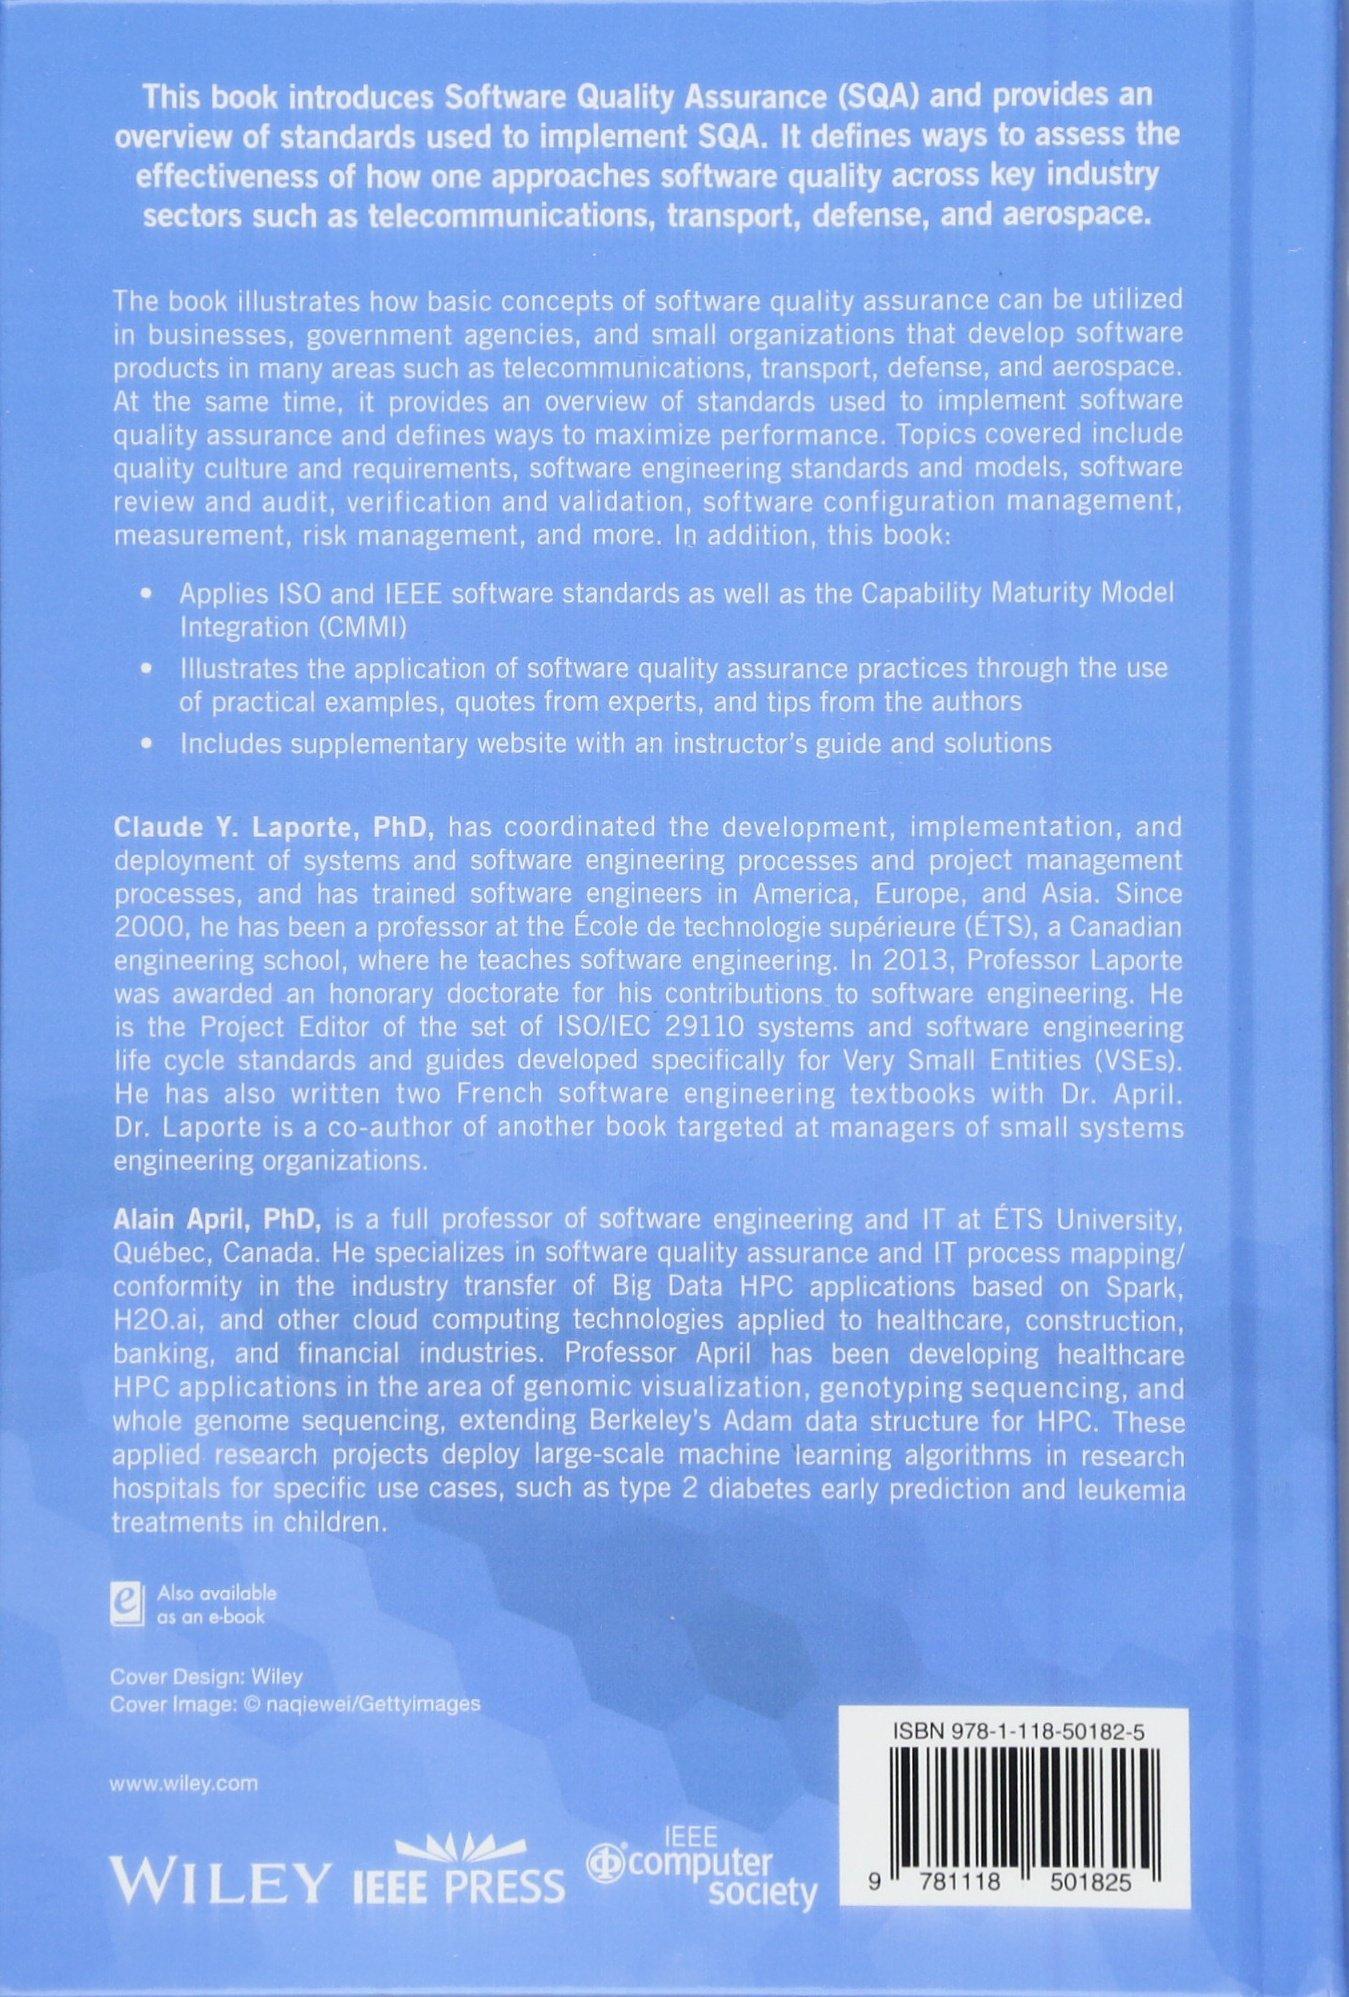 Software Quality Assurance: Claude Y  Laporte, Alain April